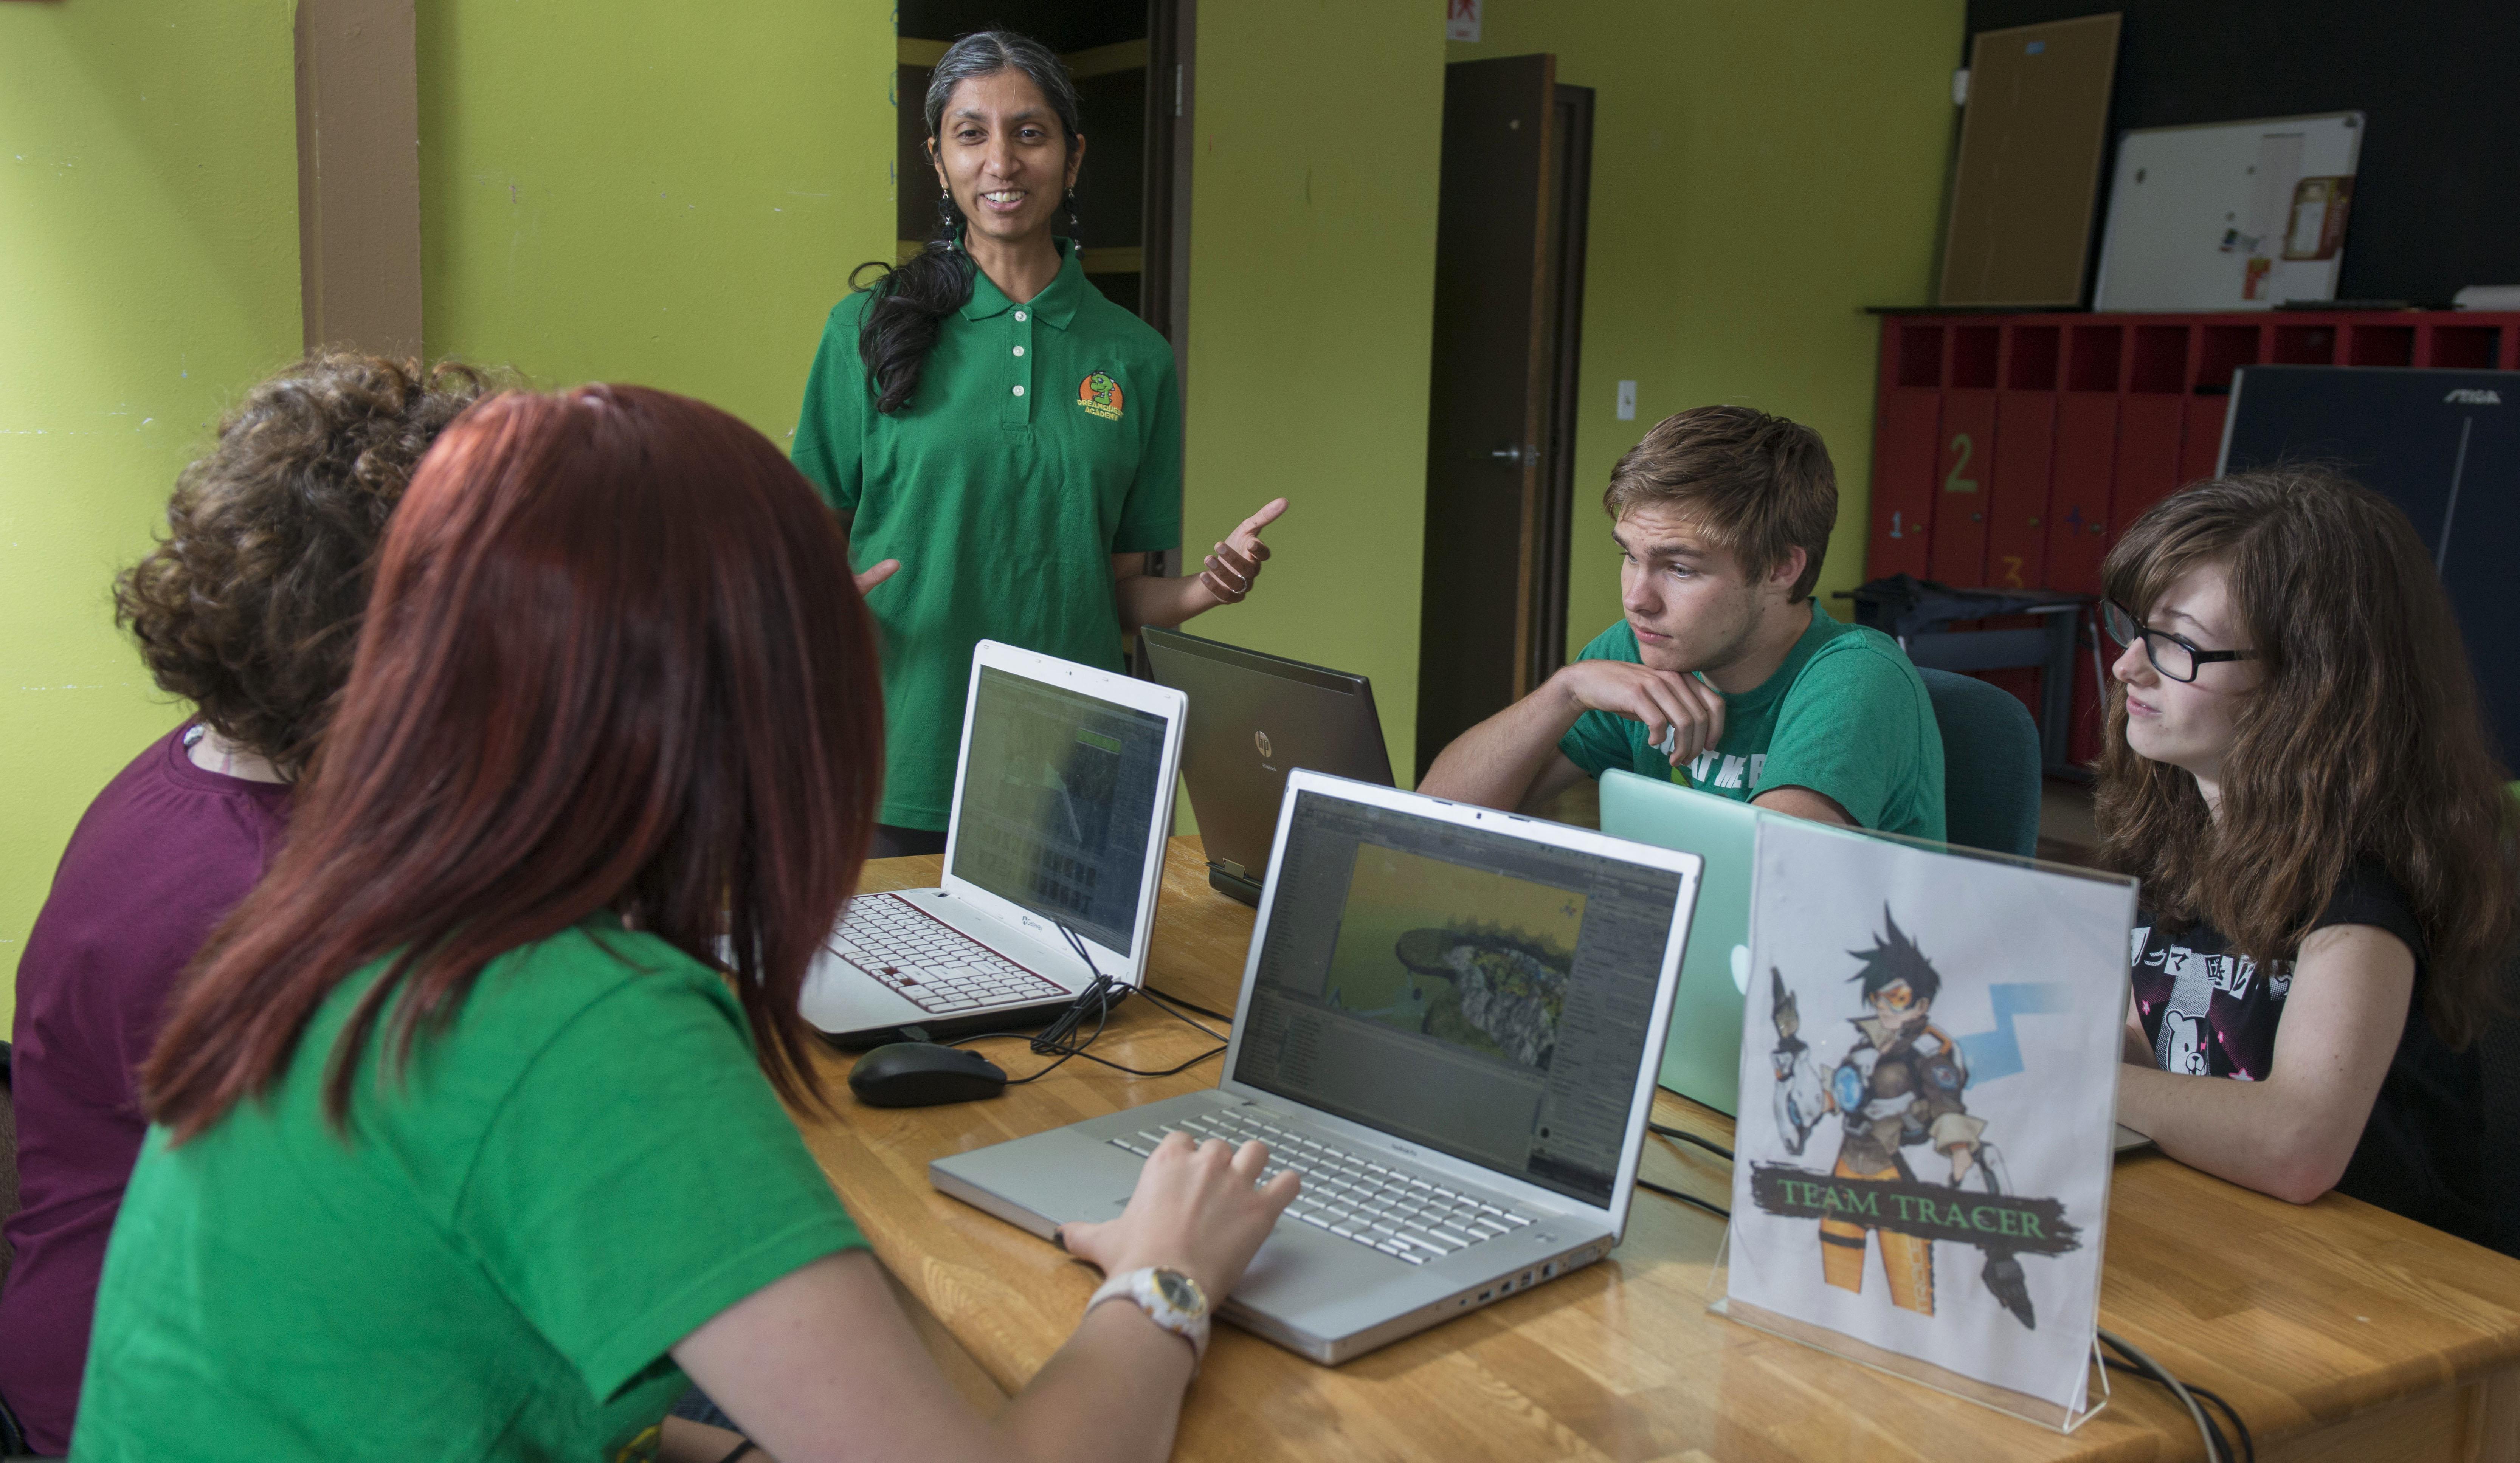 DreamQuest Academy